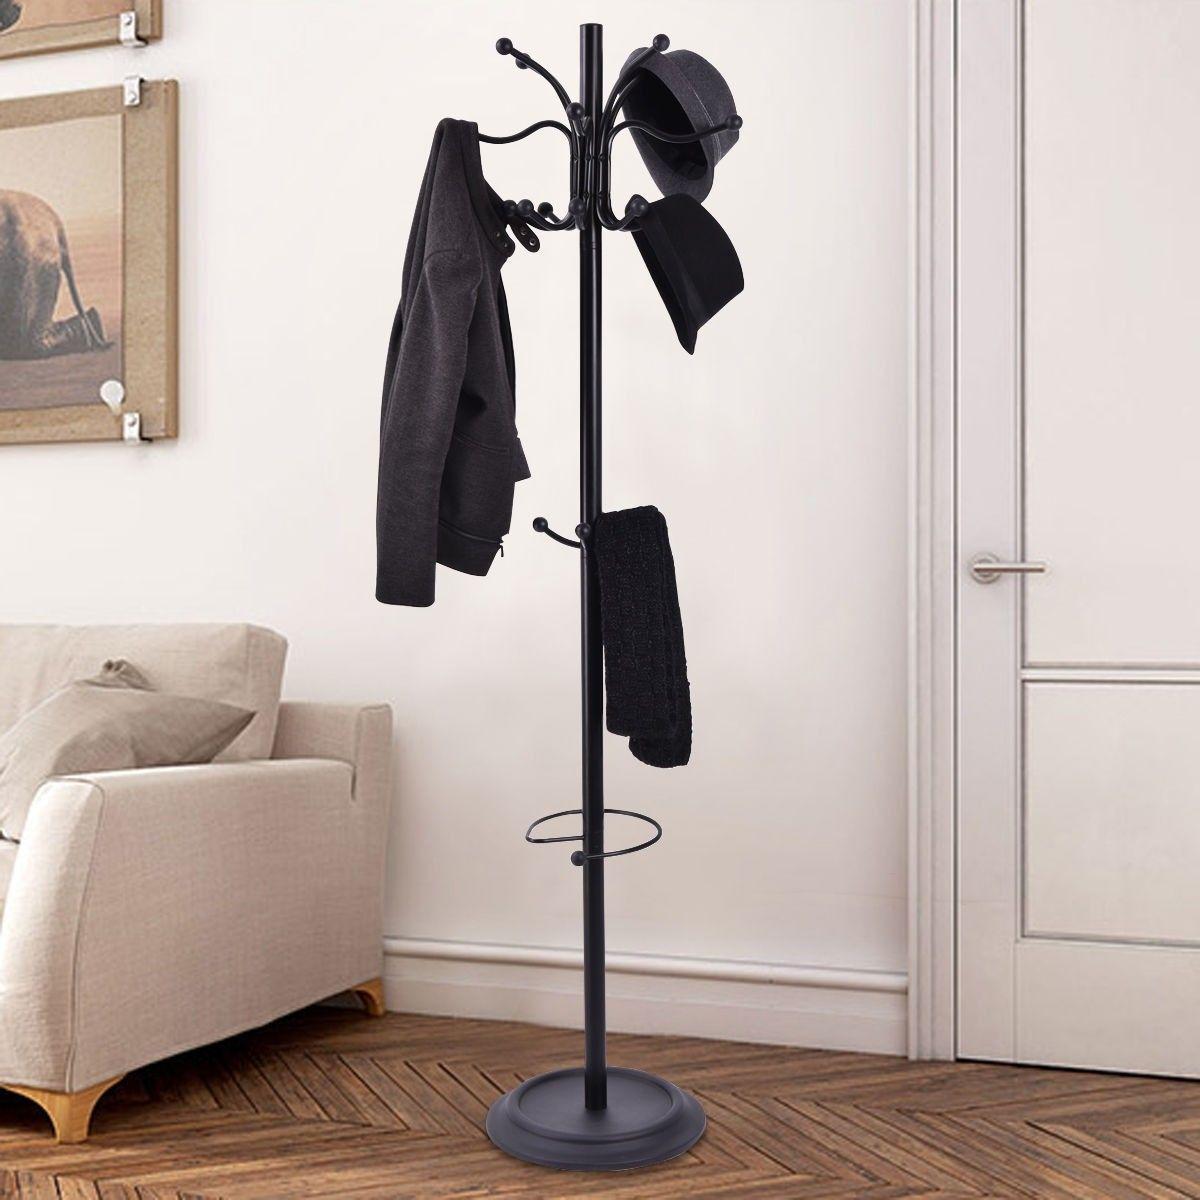 NEW Home Craft Metal Coat Rack Entryway Standing Hat Jacket Coat Hanger Rack